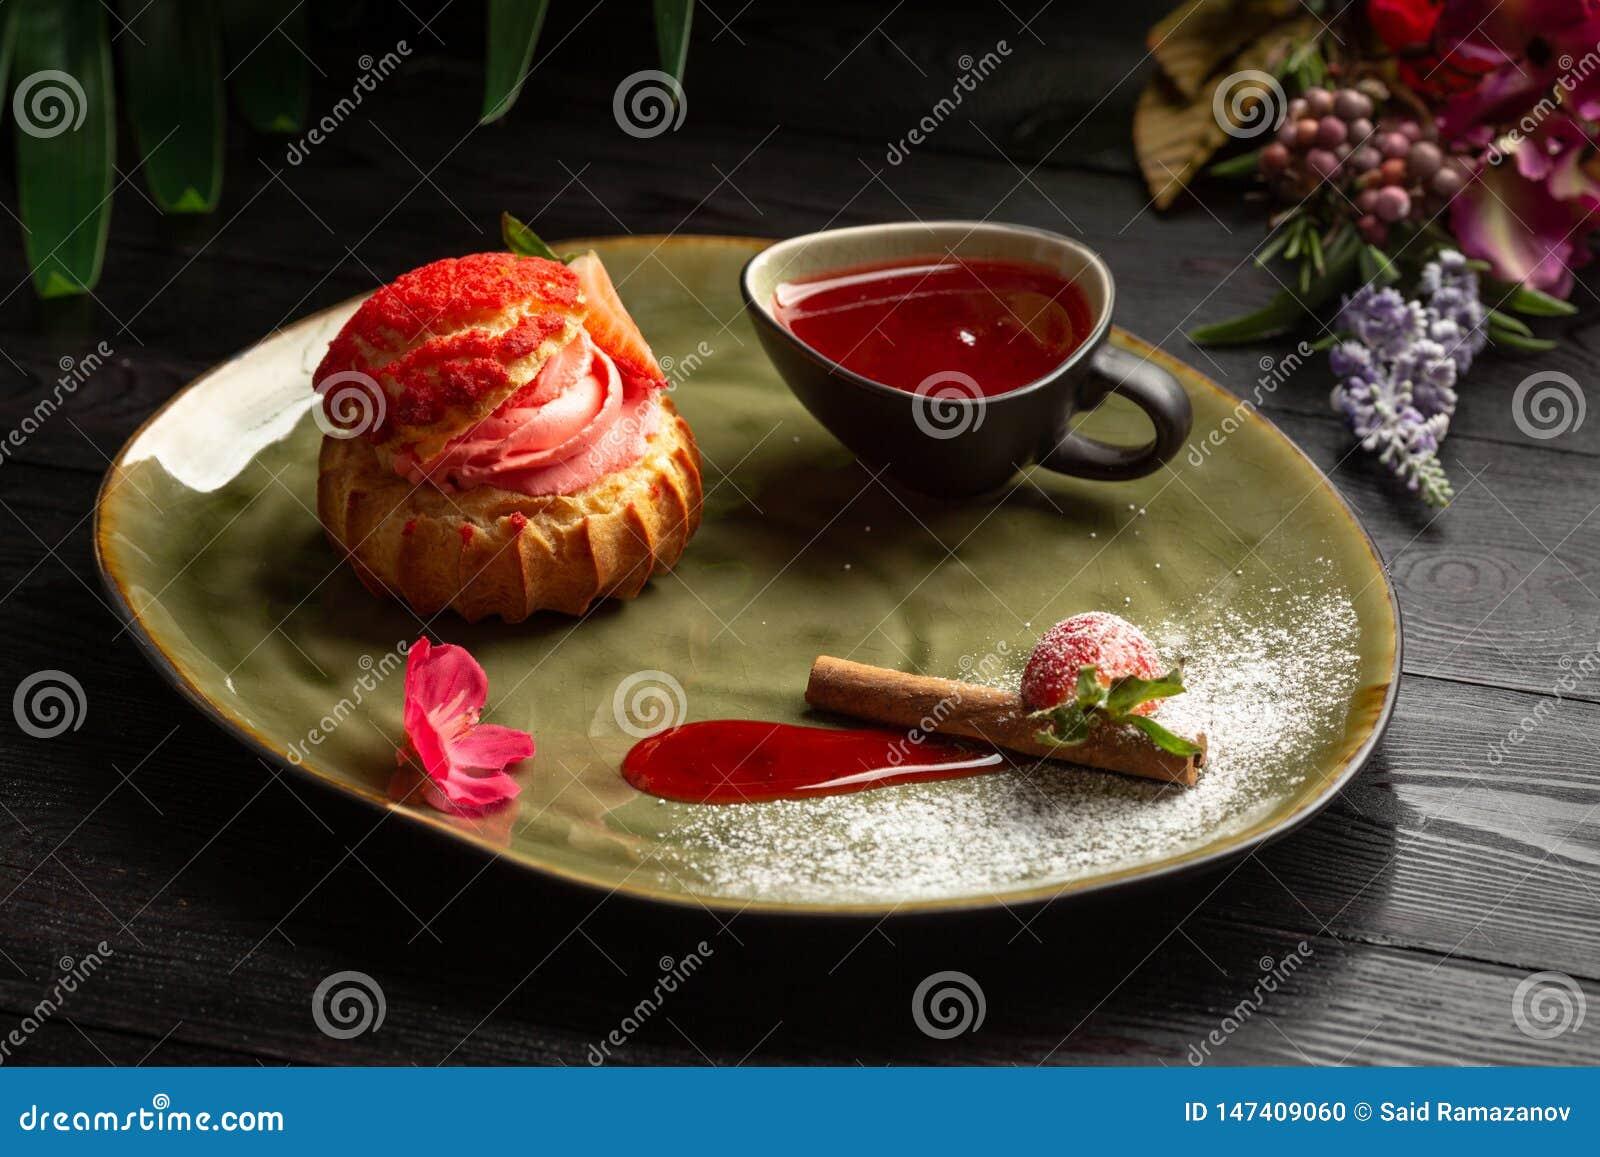 Shu da morango com sau doce e em um fundo de madeira